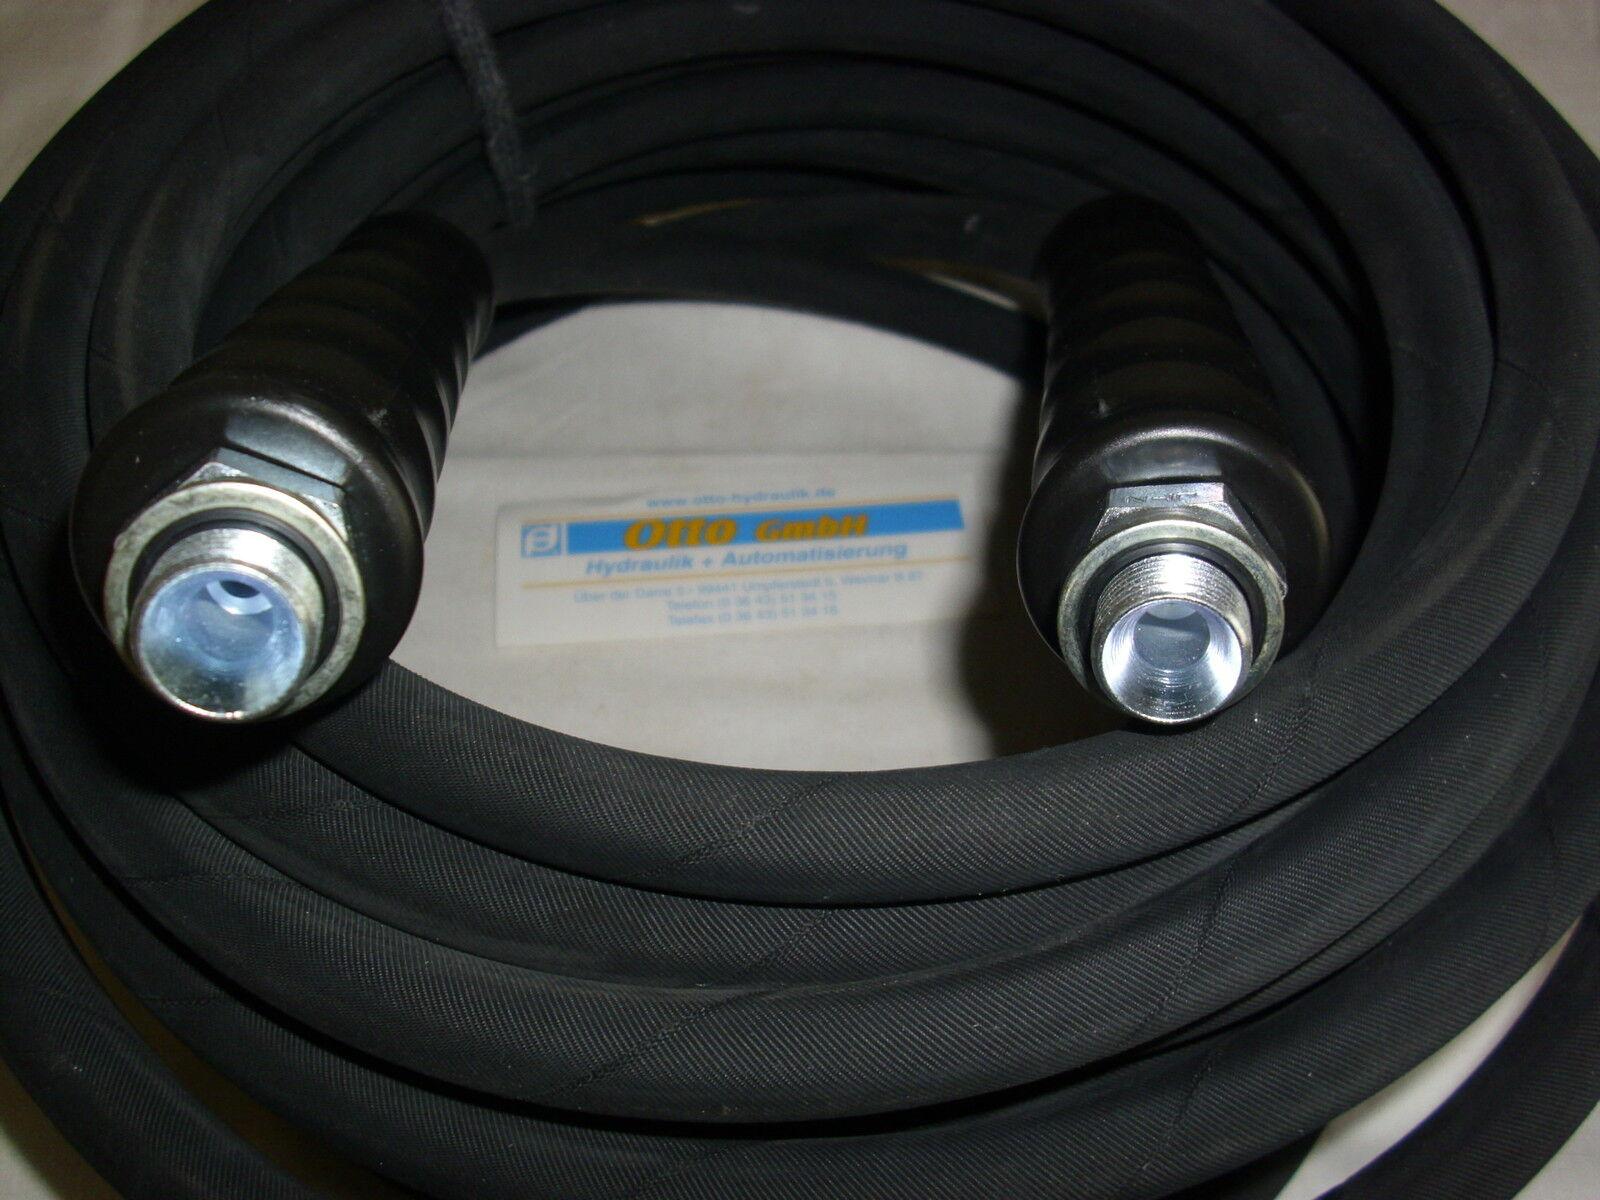 15m Profi Schlauchleitung mit 2 x 3 8  HD - Schlauch DN 8 400 bar 150°C  3 8 AG